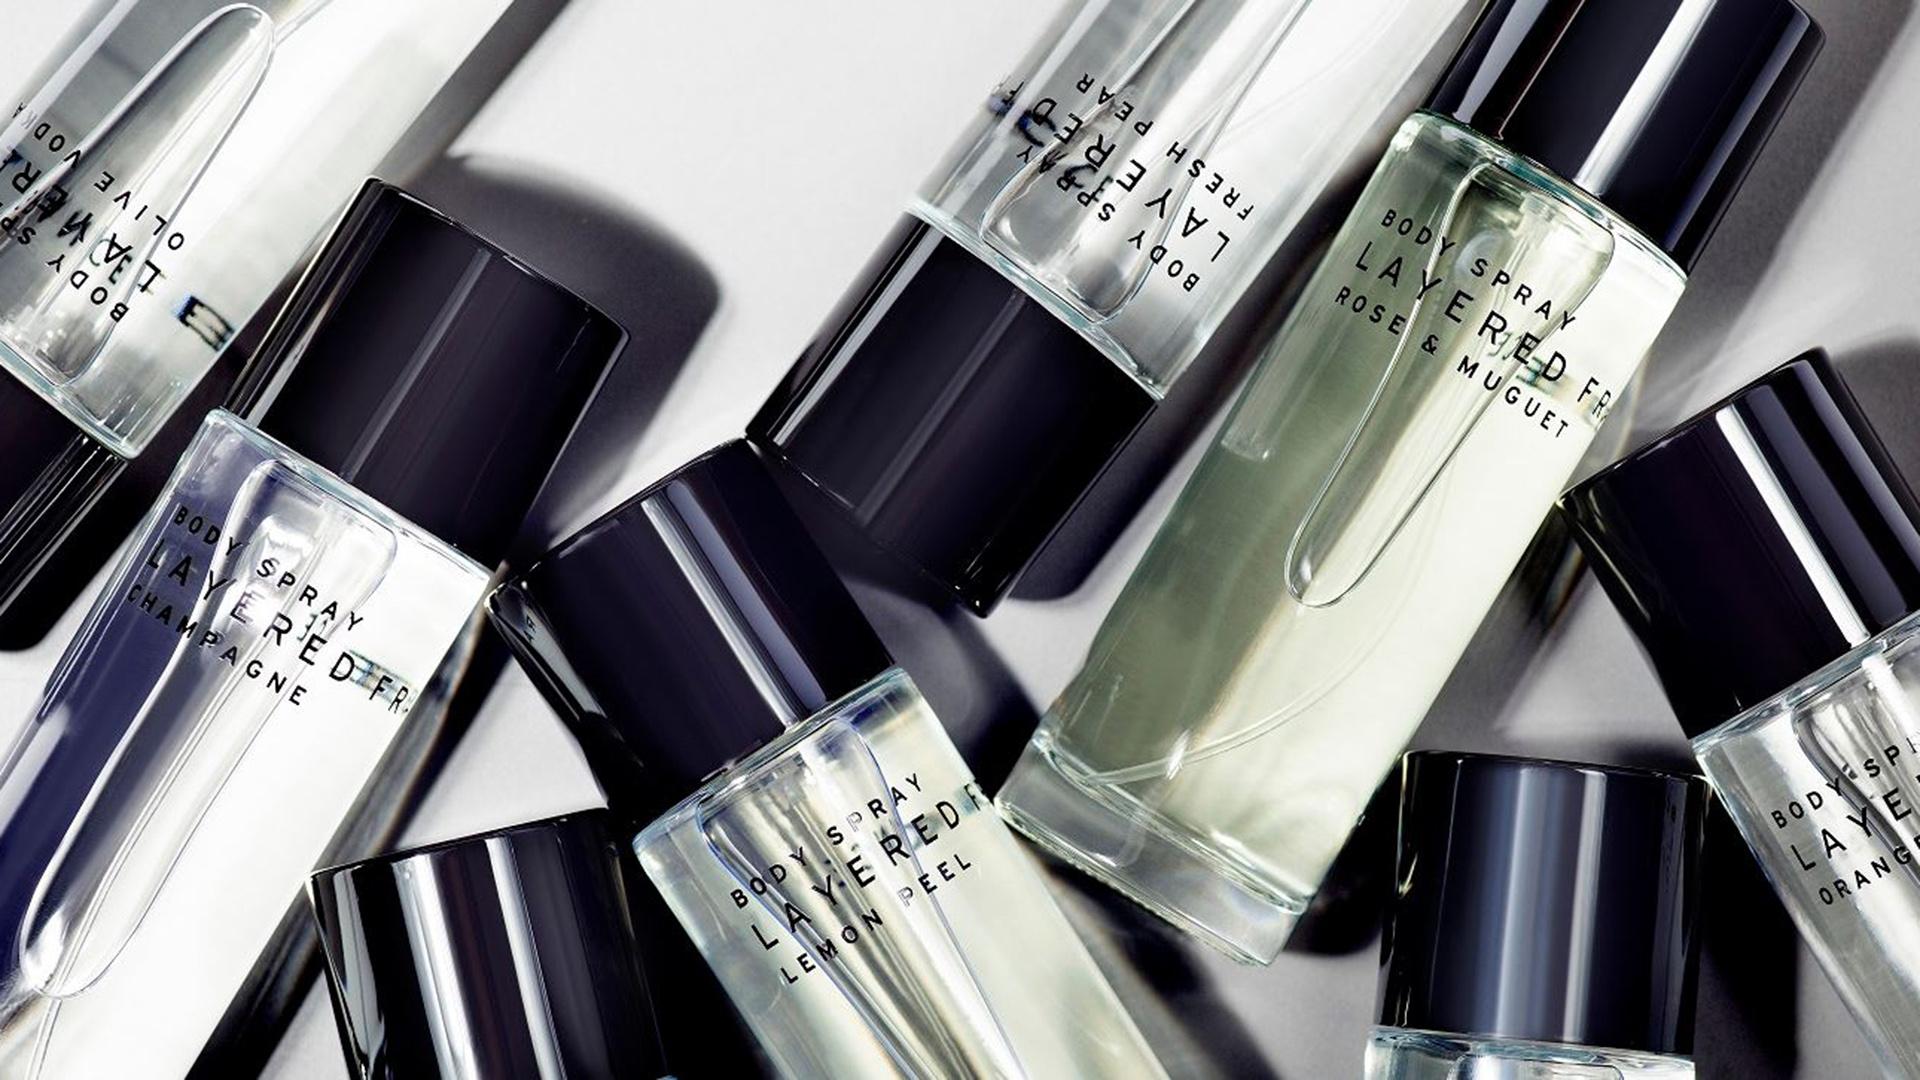 【メンズ】レイヤードフレグランスとはどんなブランド?おすすめの香水はどれ?